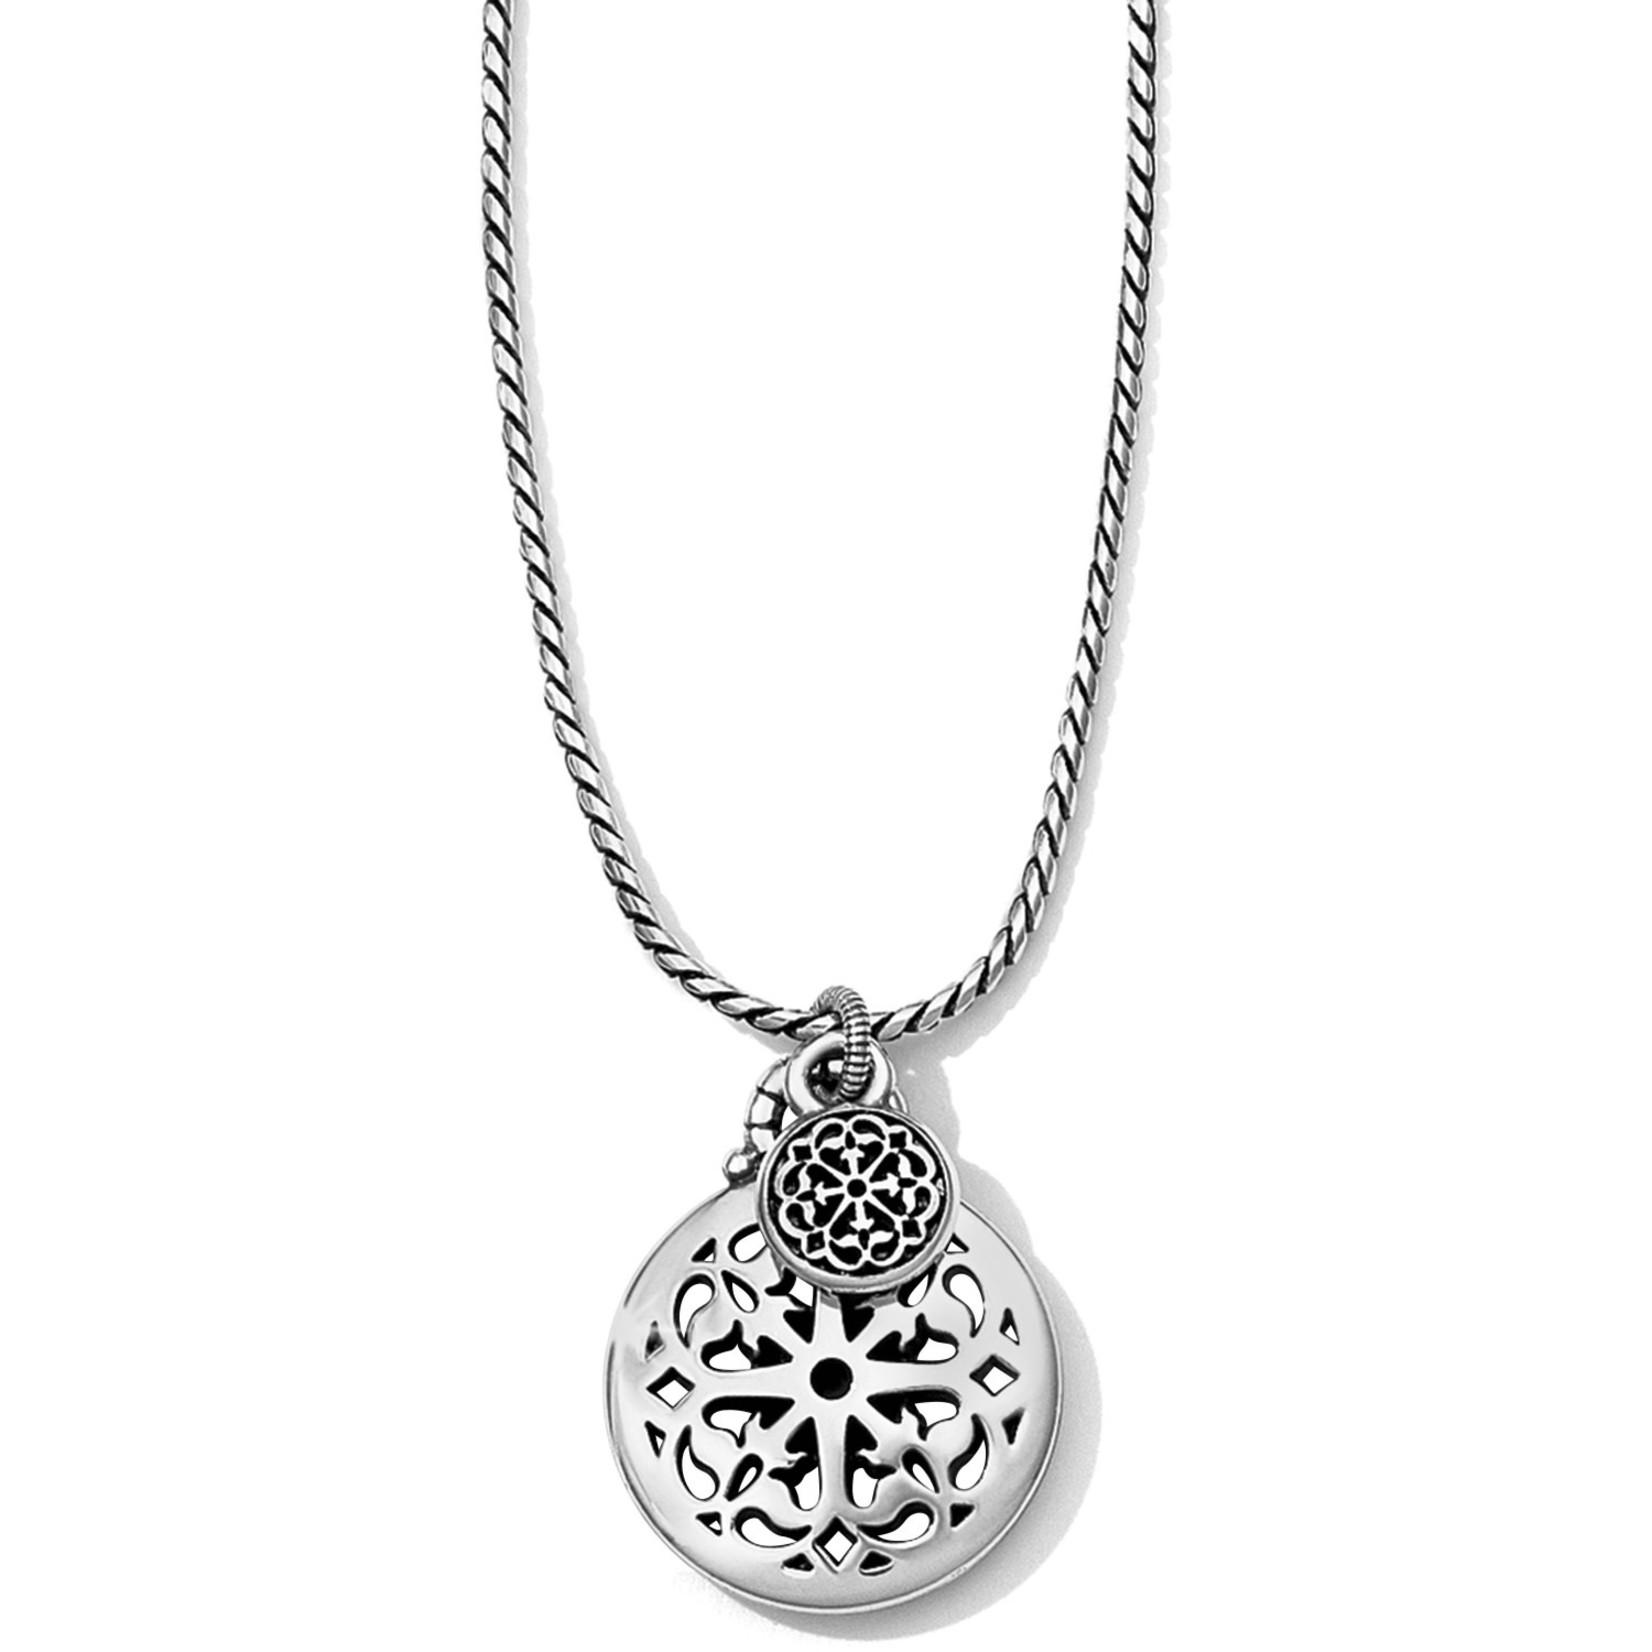 Brighton JL4760 Ferrara Petite Necklace